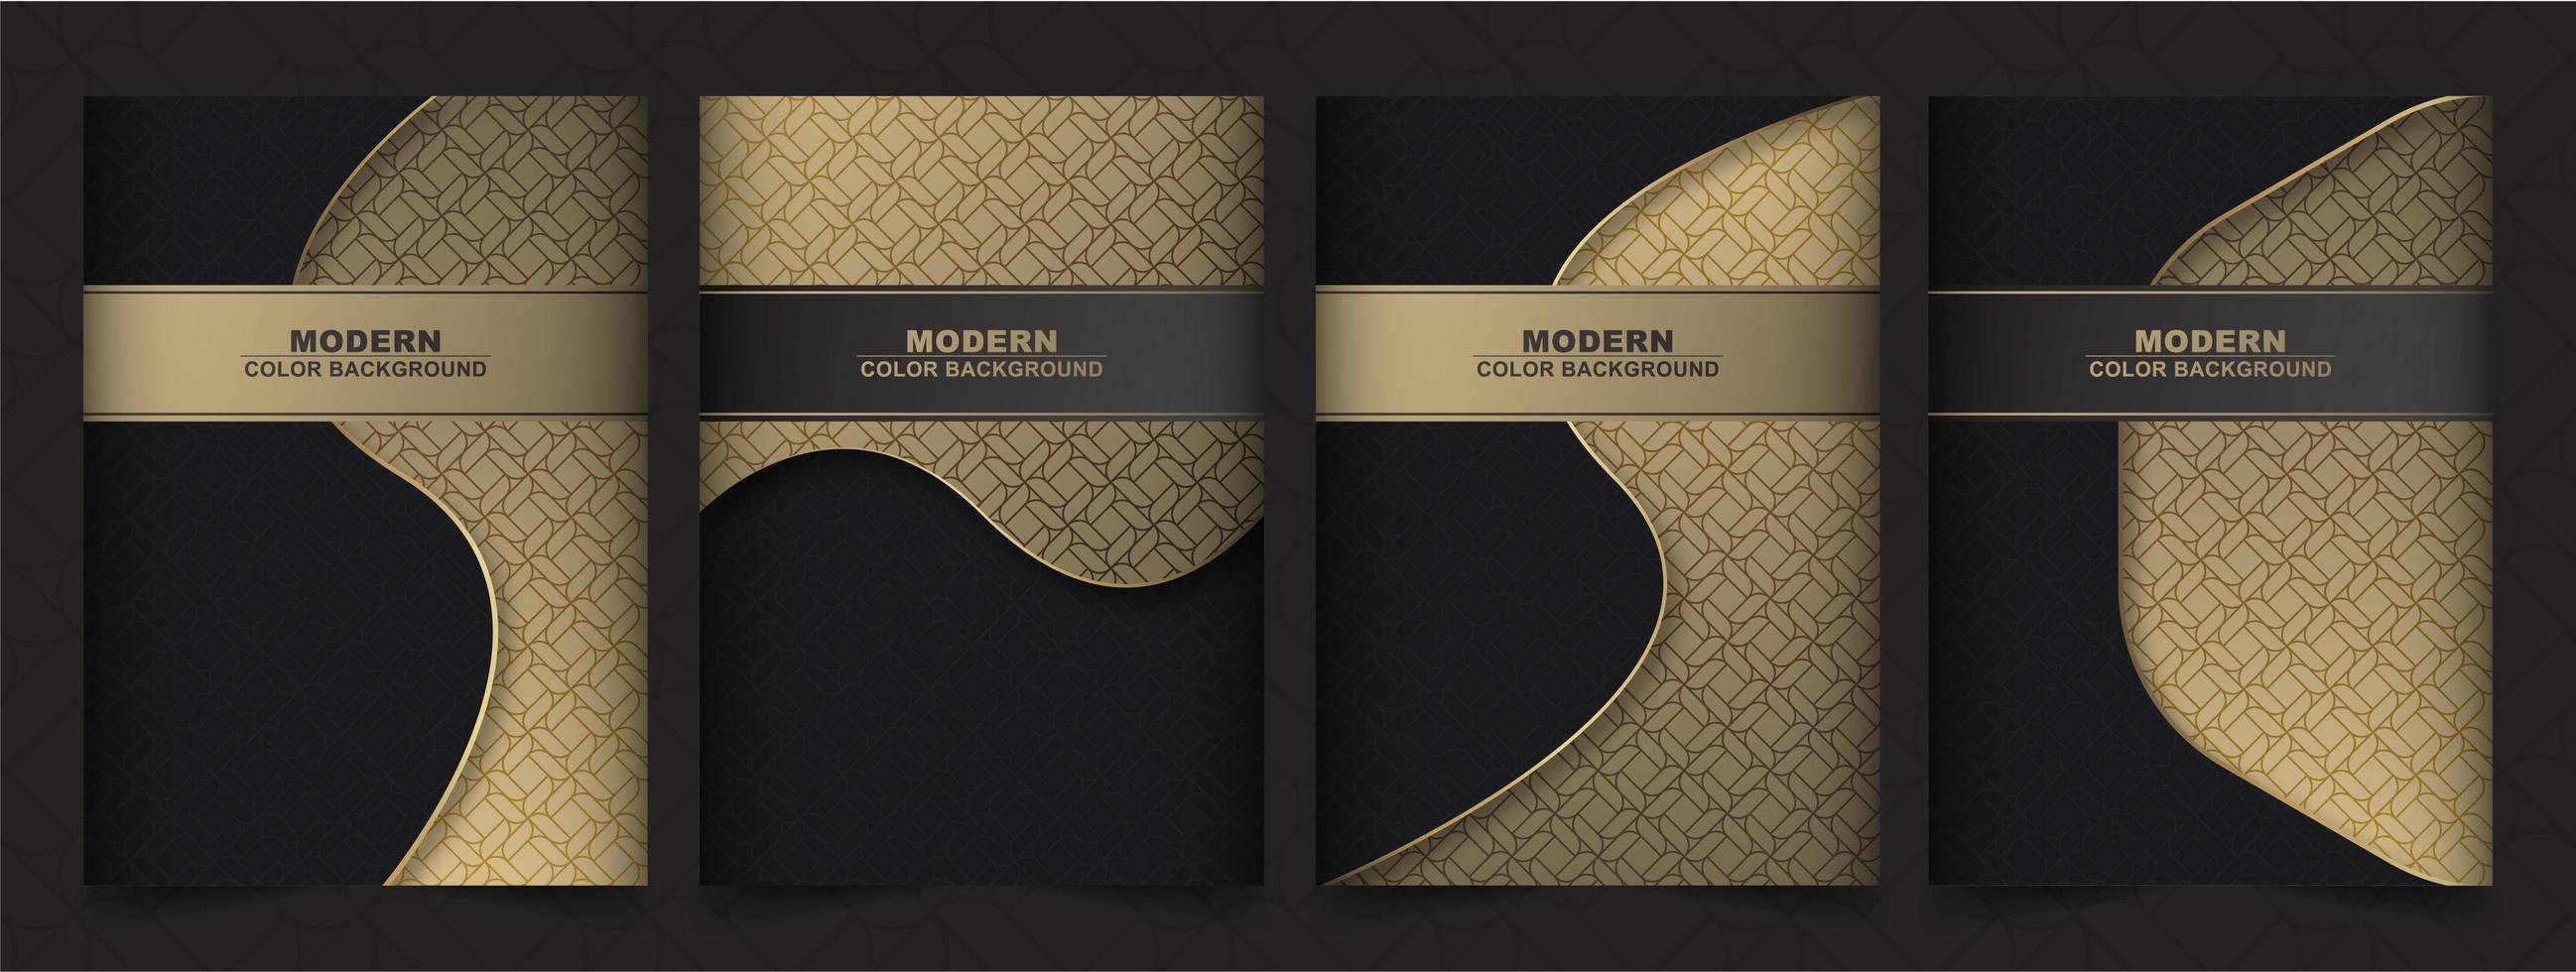 diseños de cubierta mínima de color negro y dorado vector